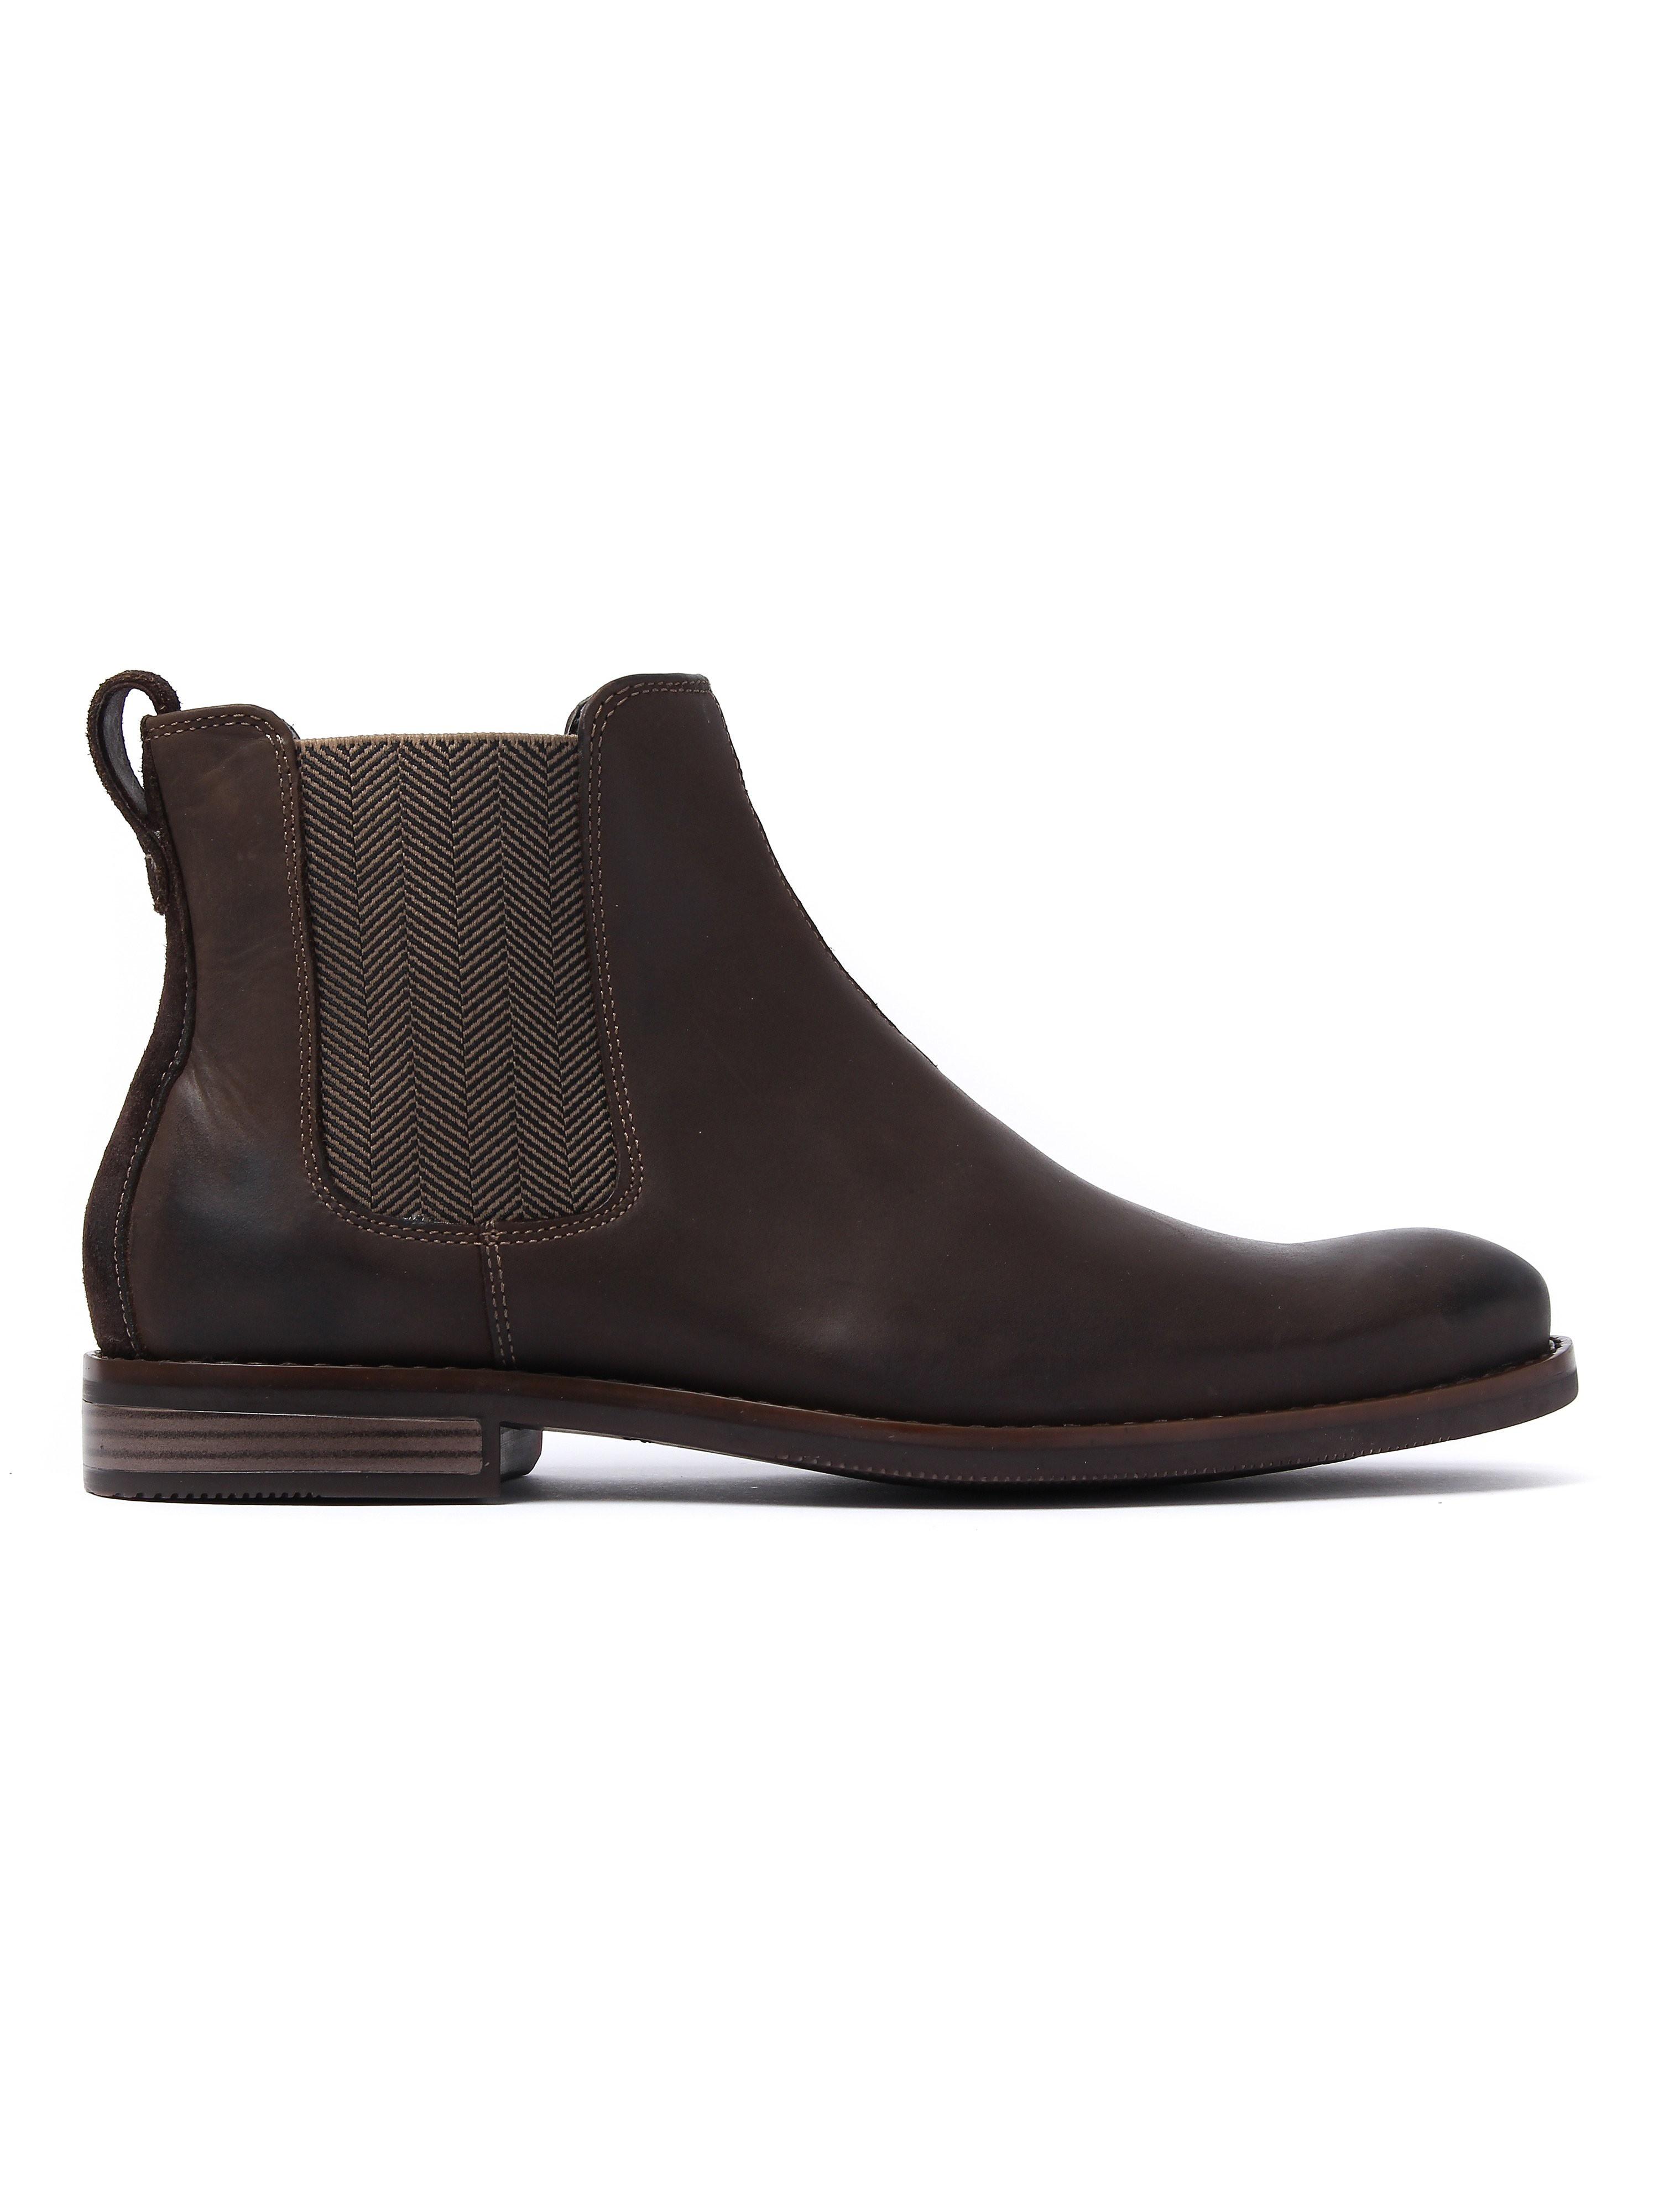 Rockport Men's Wynstin Chelsea Boots - Dark Brown Leather